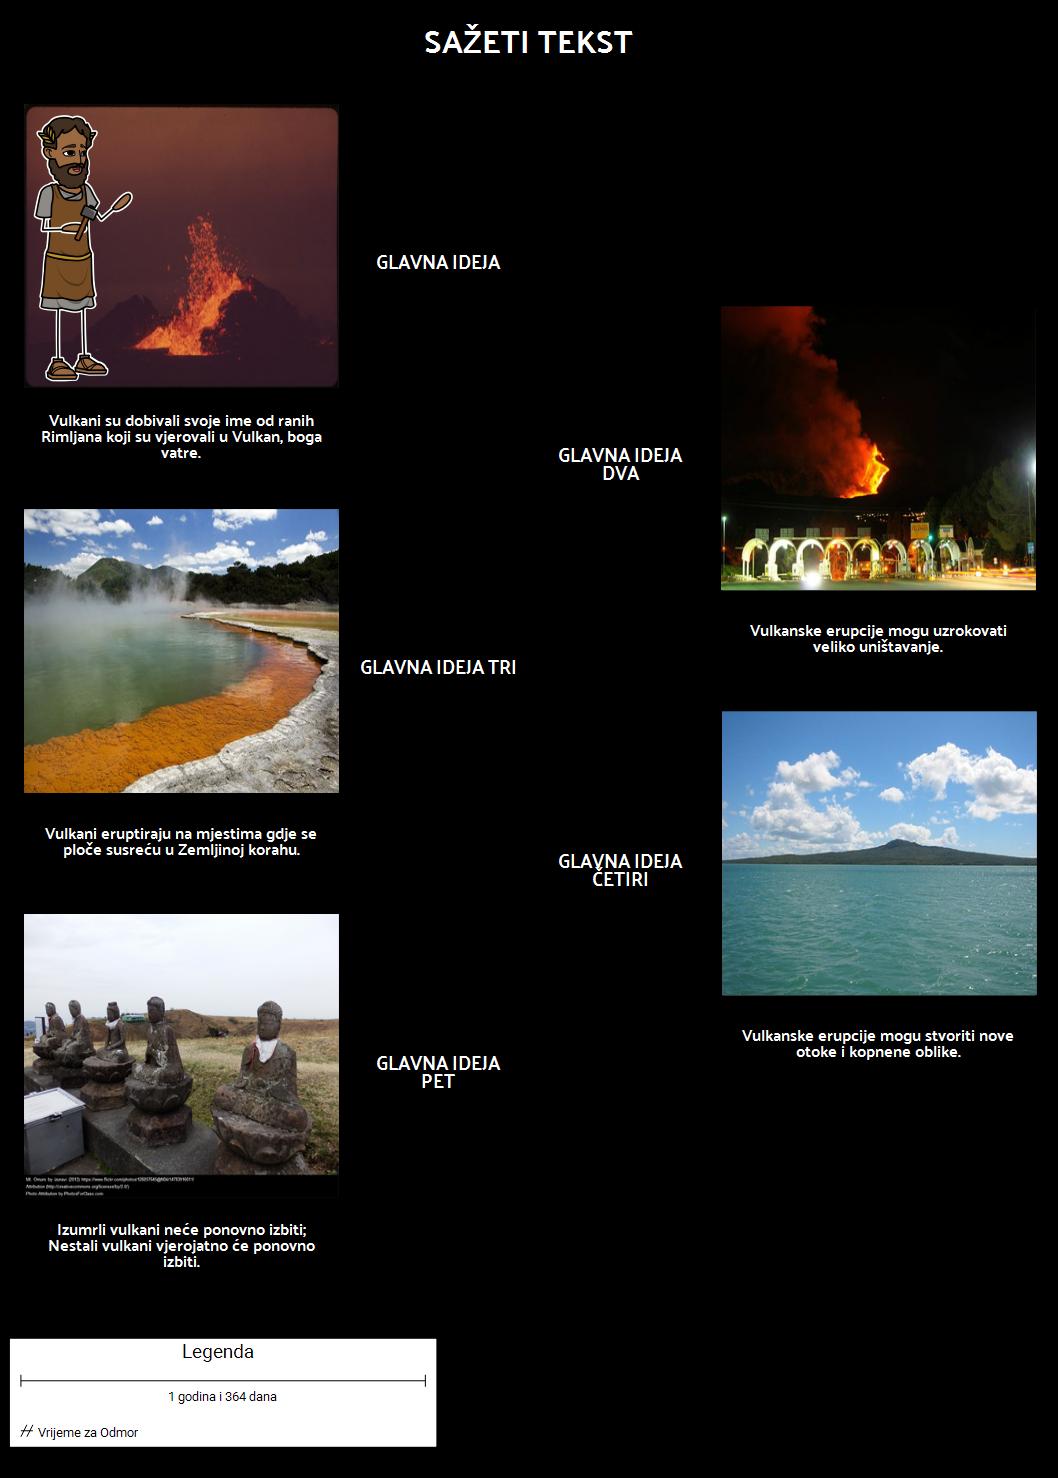 Vulkani - Sažeti Tekst